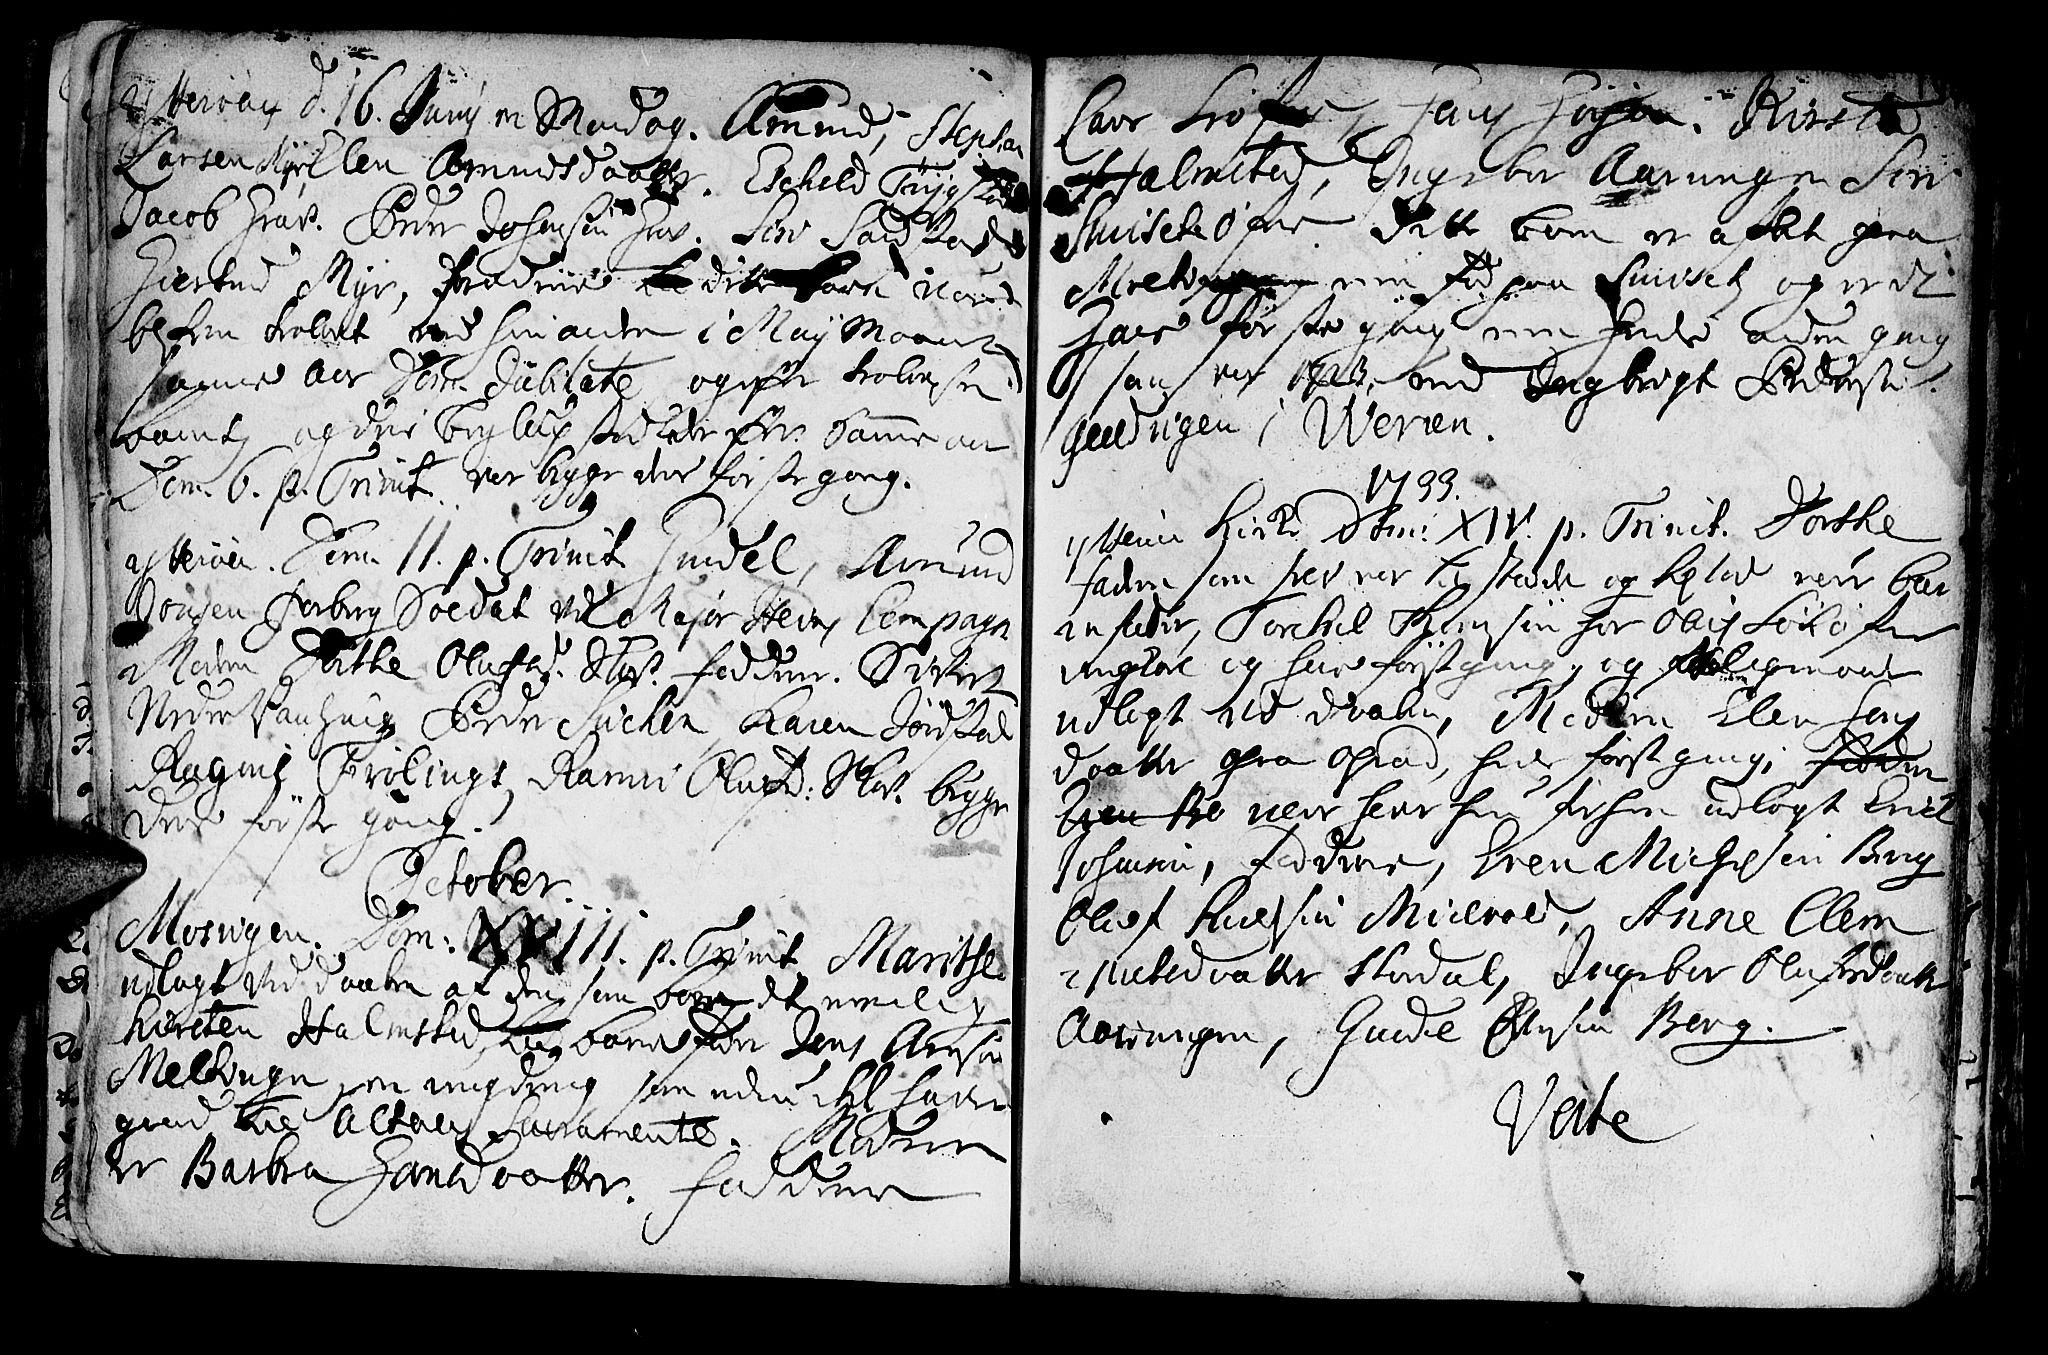 SAT, Ministerialprotokoller, klokkerbøker og fødselsregistre - Nord-Trøndelag, 722/L0215: Ministerialbok nr. 722A02, 1718-1755, s. 144